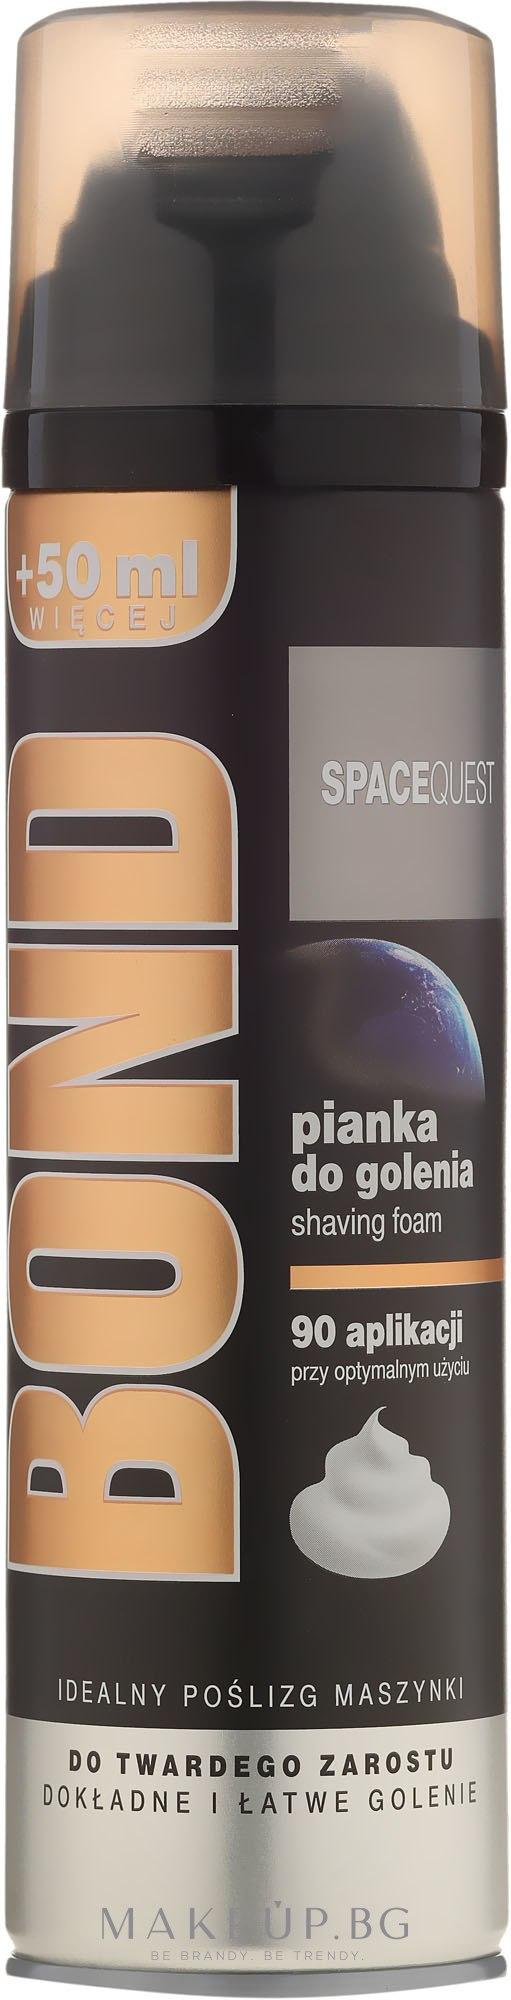 Пяна за бръснене - Bond Spacequest Shaving Foam — снимка 200 ml